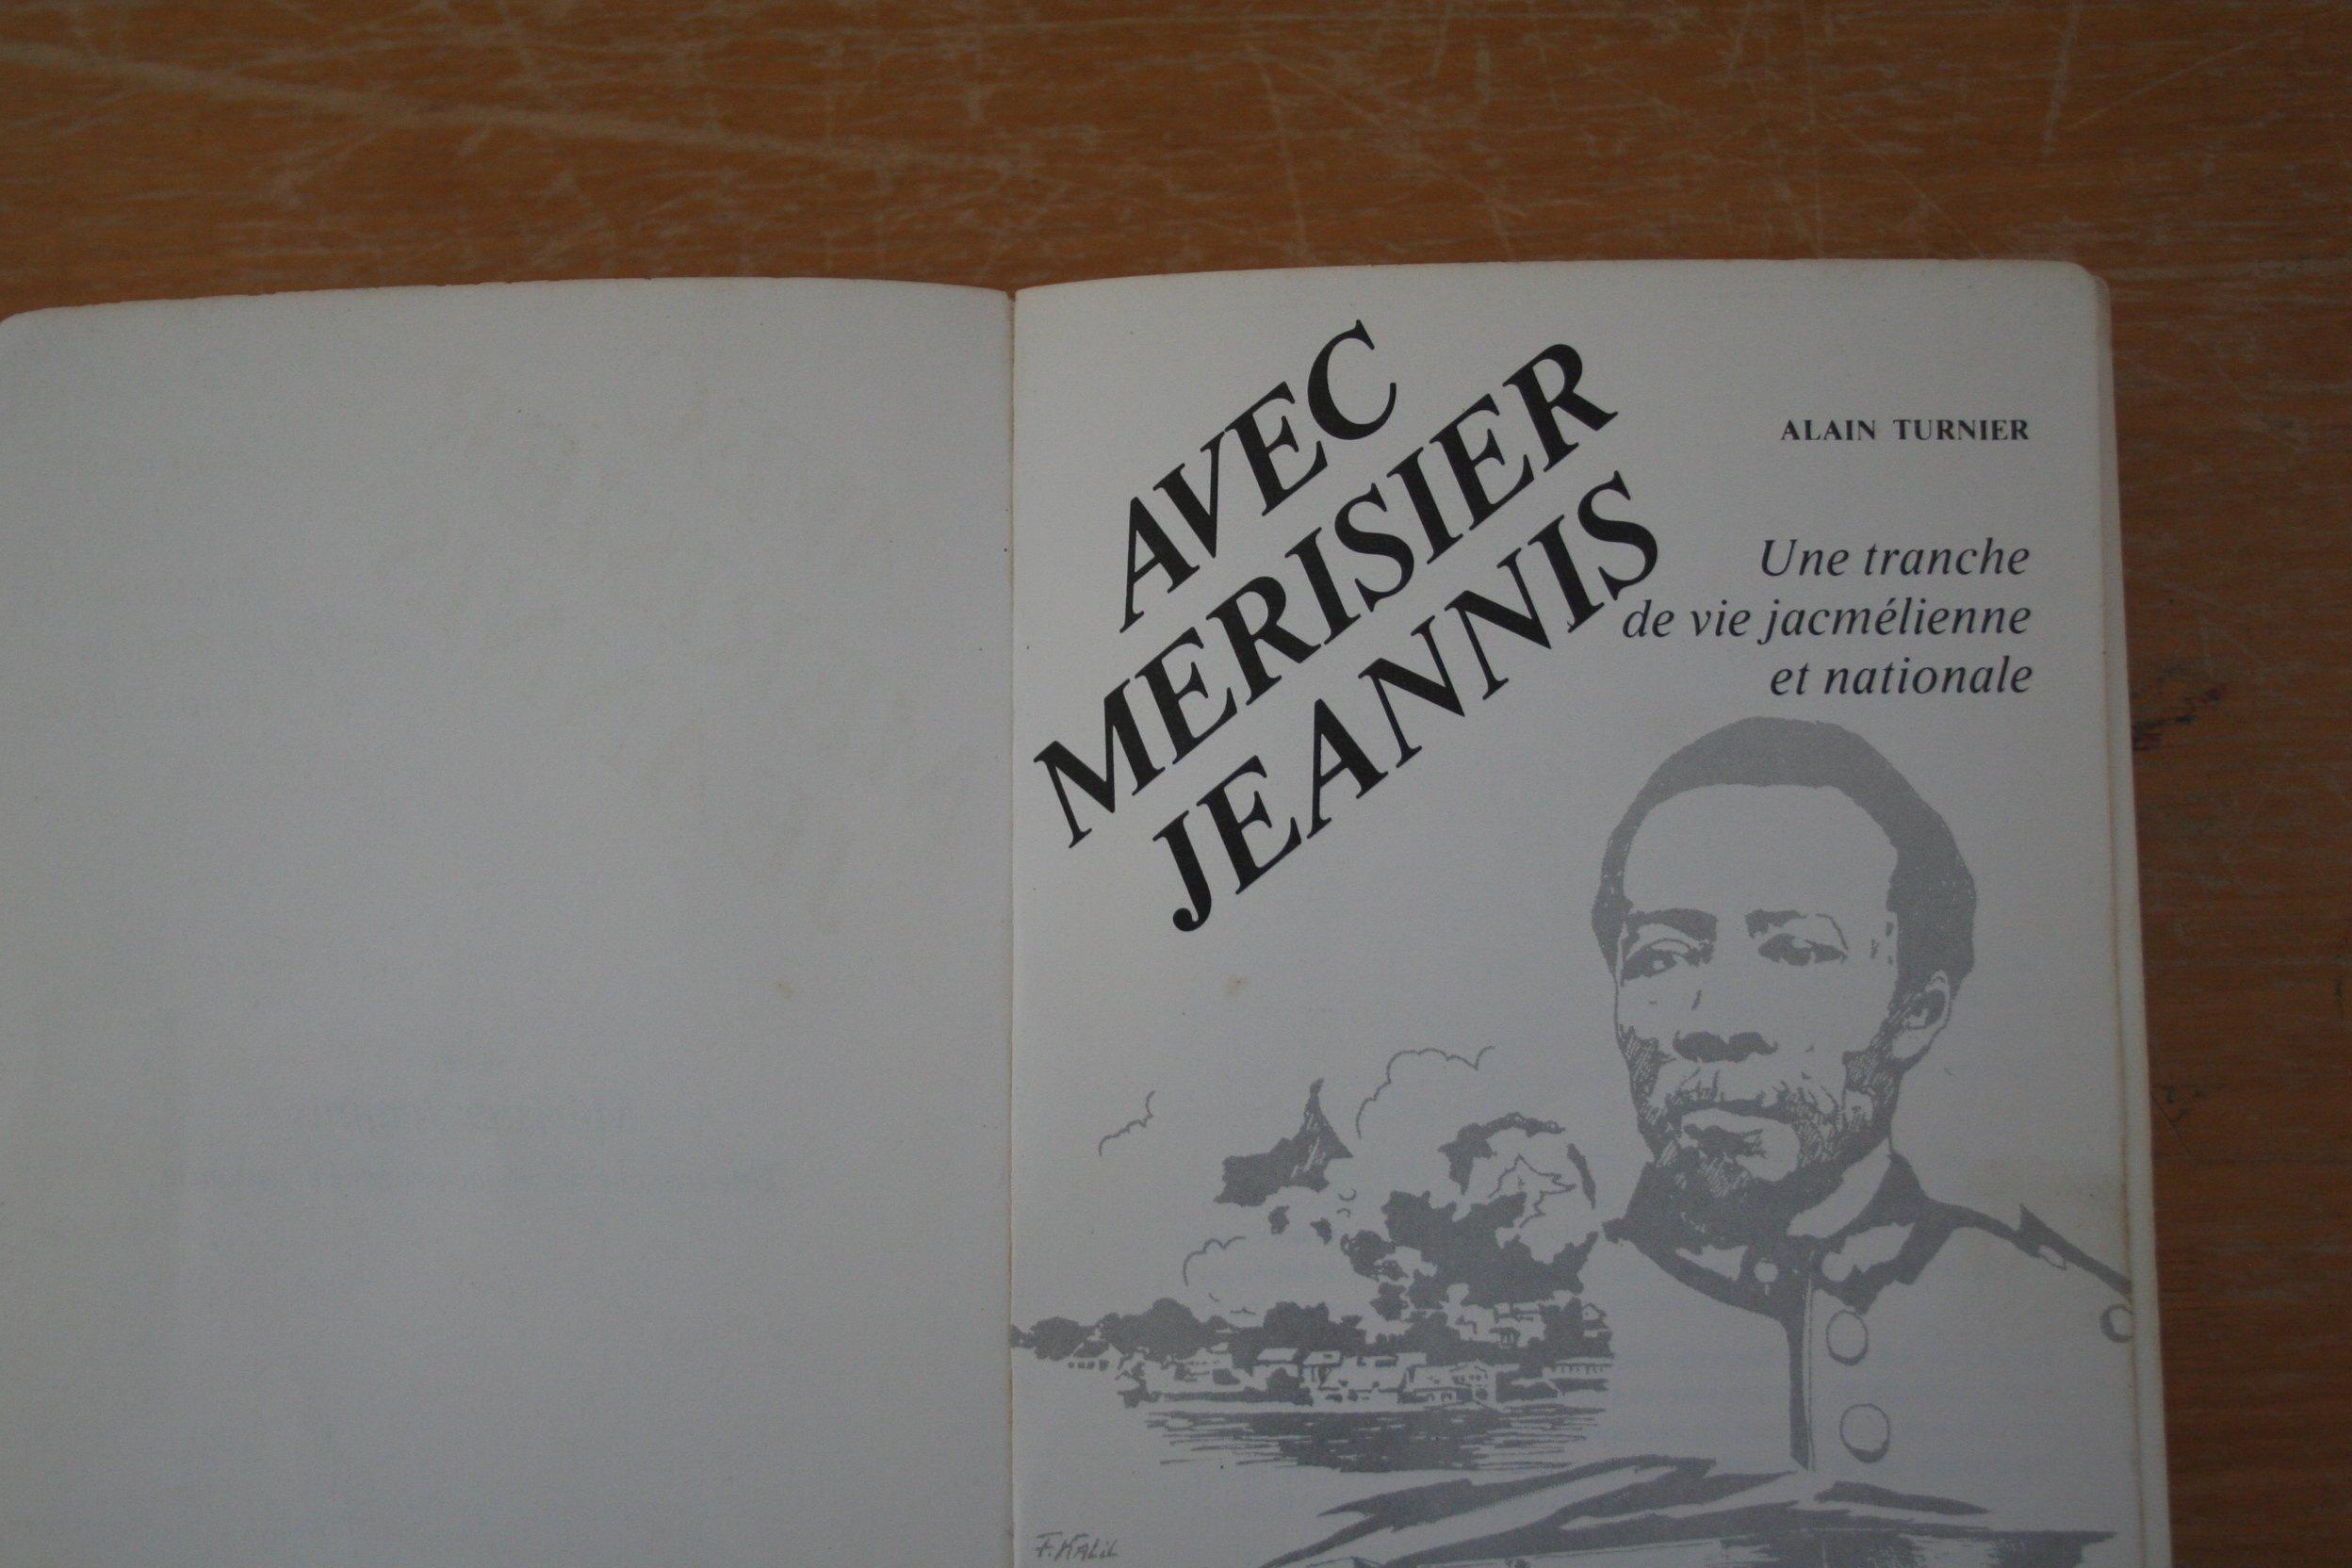 """Photo illustration: """"Avec Merisier Jeannis. Une tranche de vie Jacquemélienne et nationale"""", le livre d'Alain Turnier, parue en 1982"""